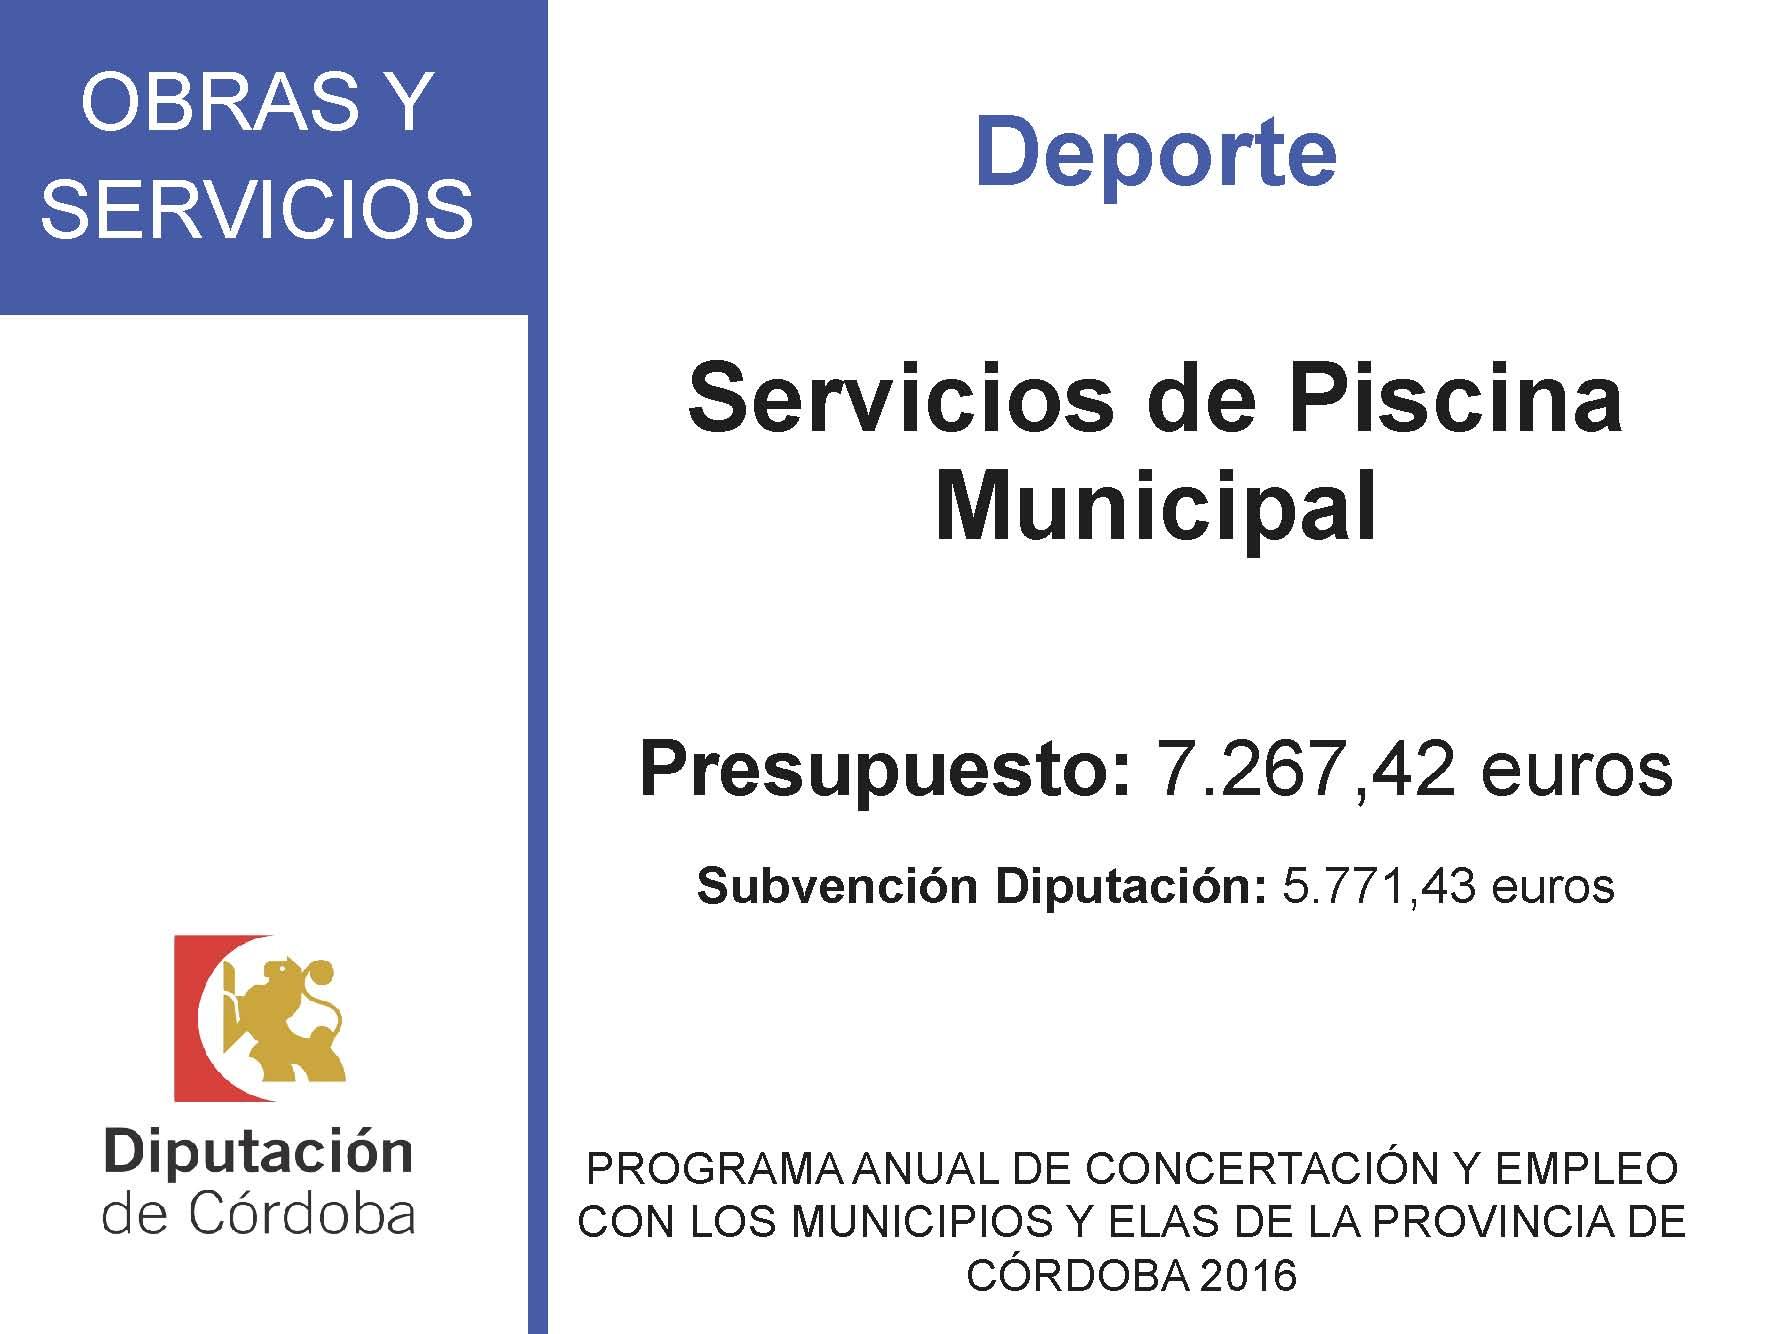 SUBVENCIONES RECIBIDAS. 2016 26